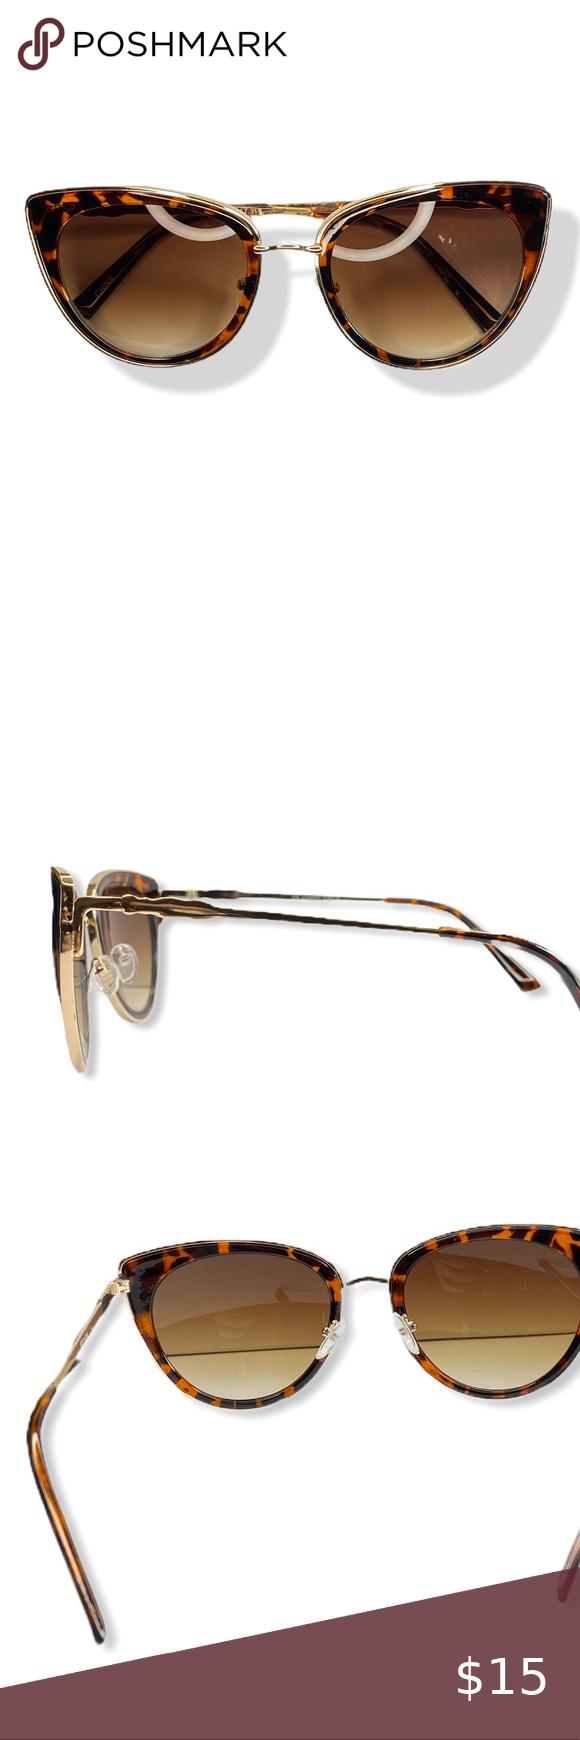 Cat Eye Tortoise Shell Sunglasses in 2020 Tortoise shell